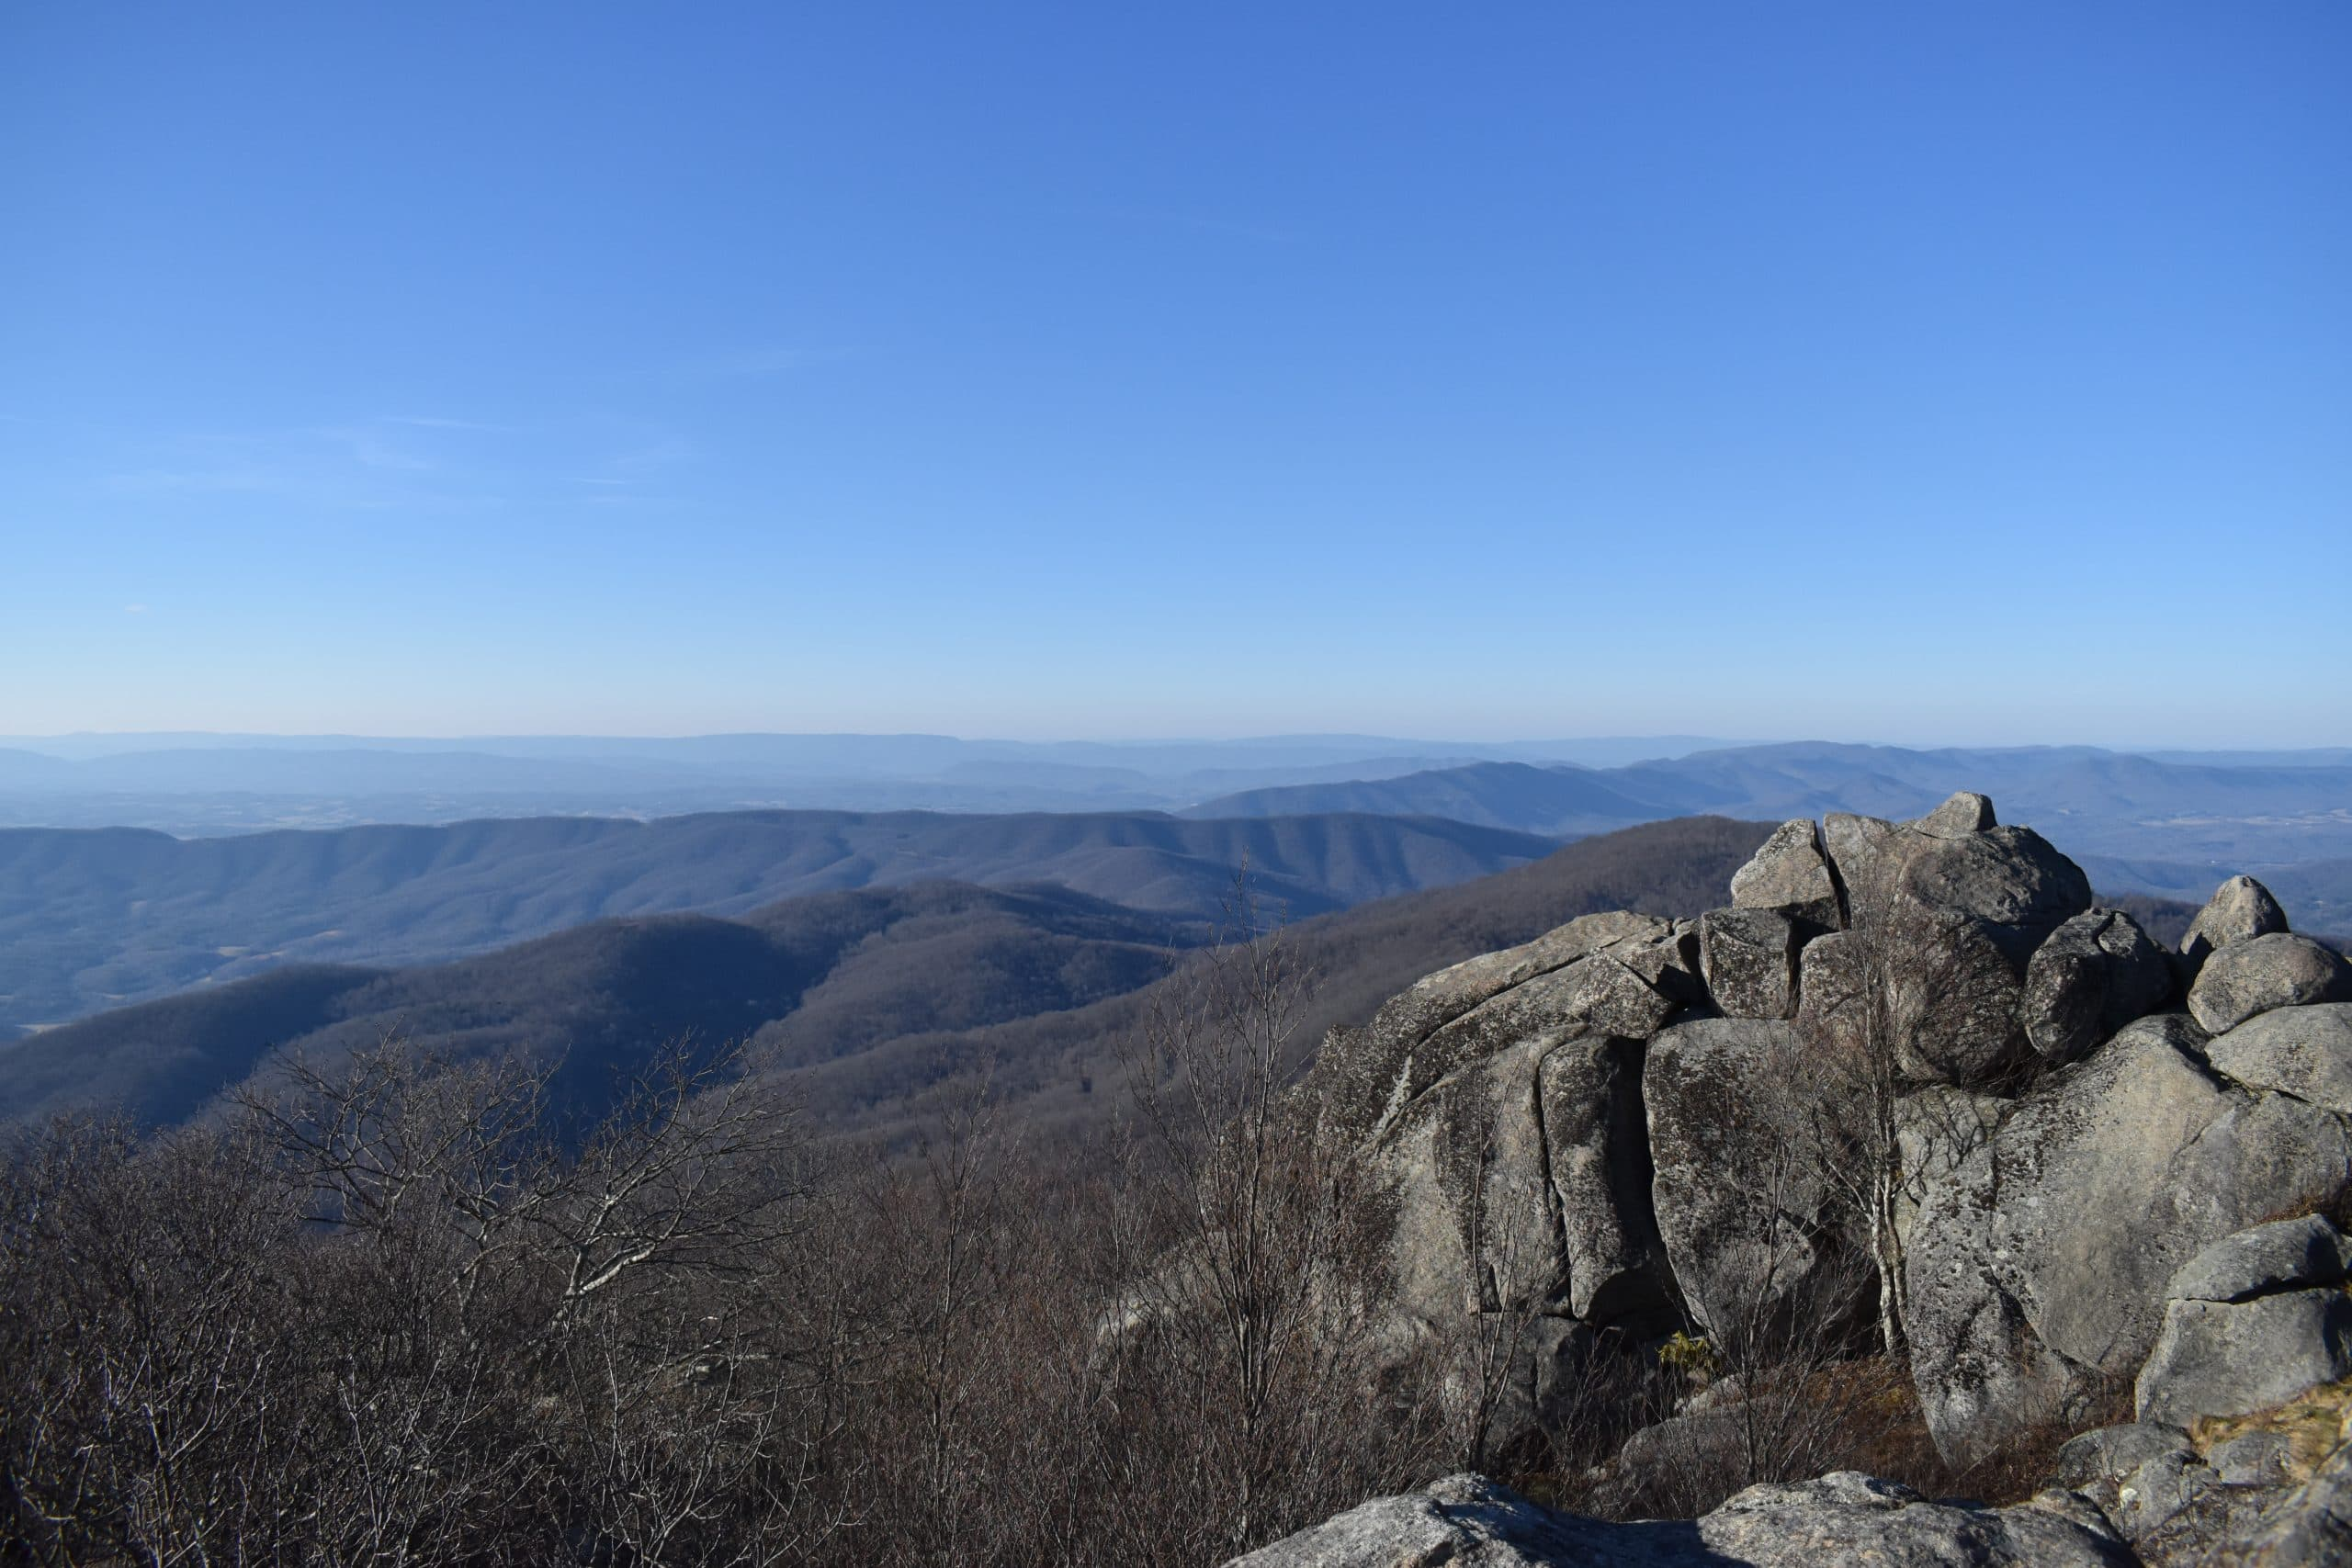 Road Trips From Roanoke - Peaks of Otter - Sharp Top